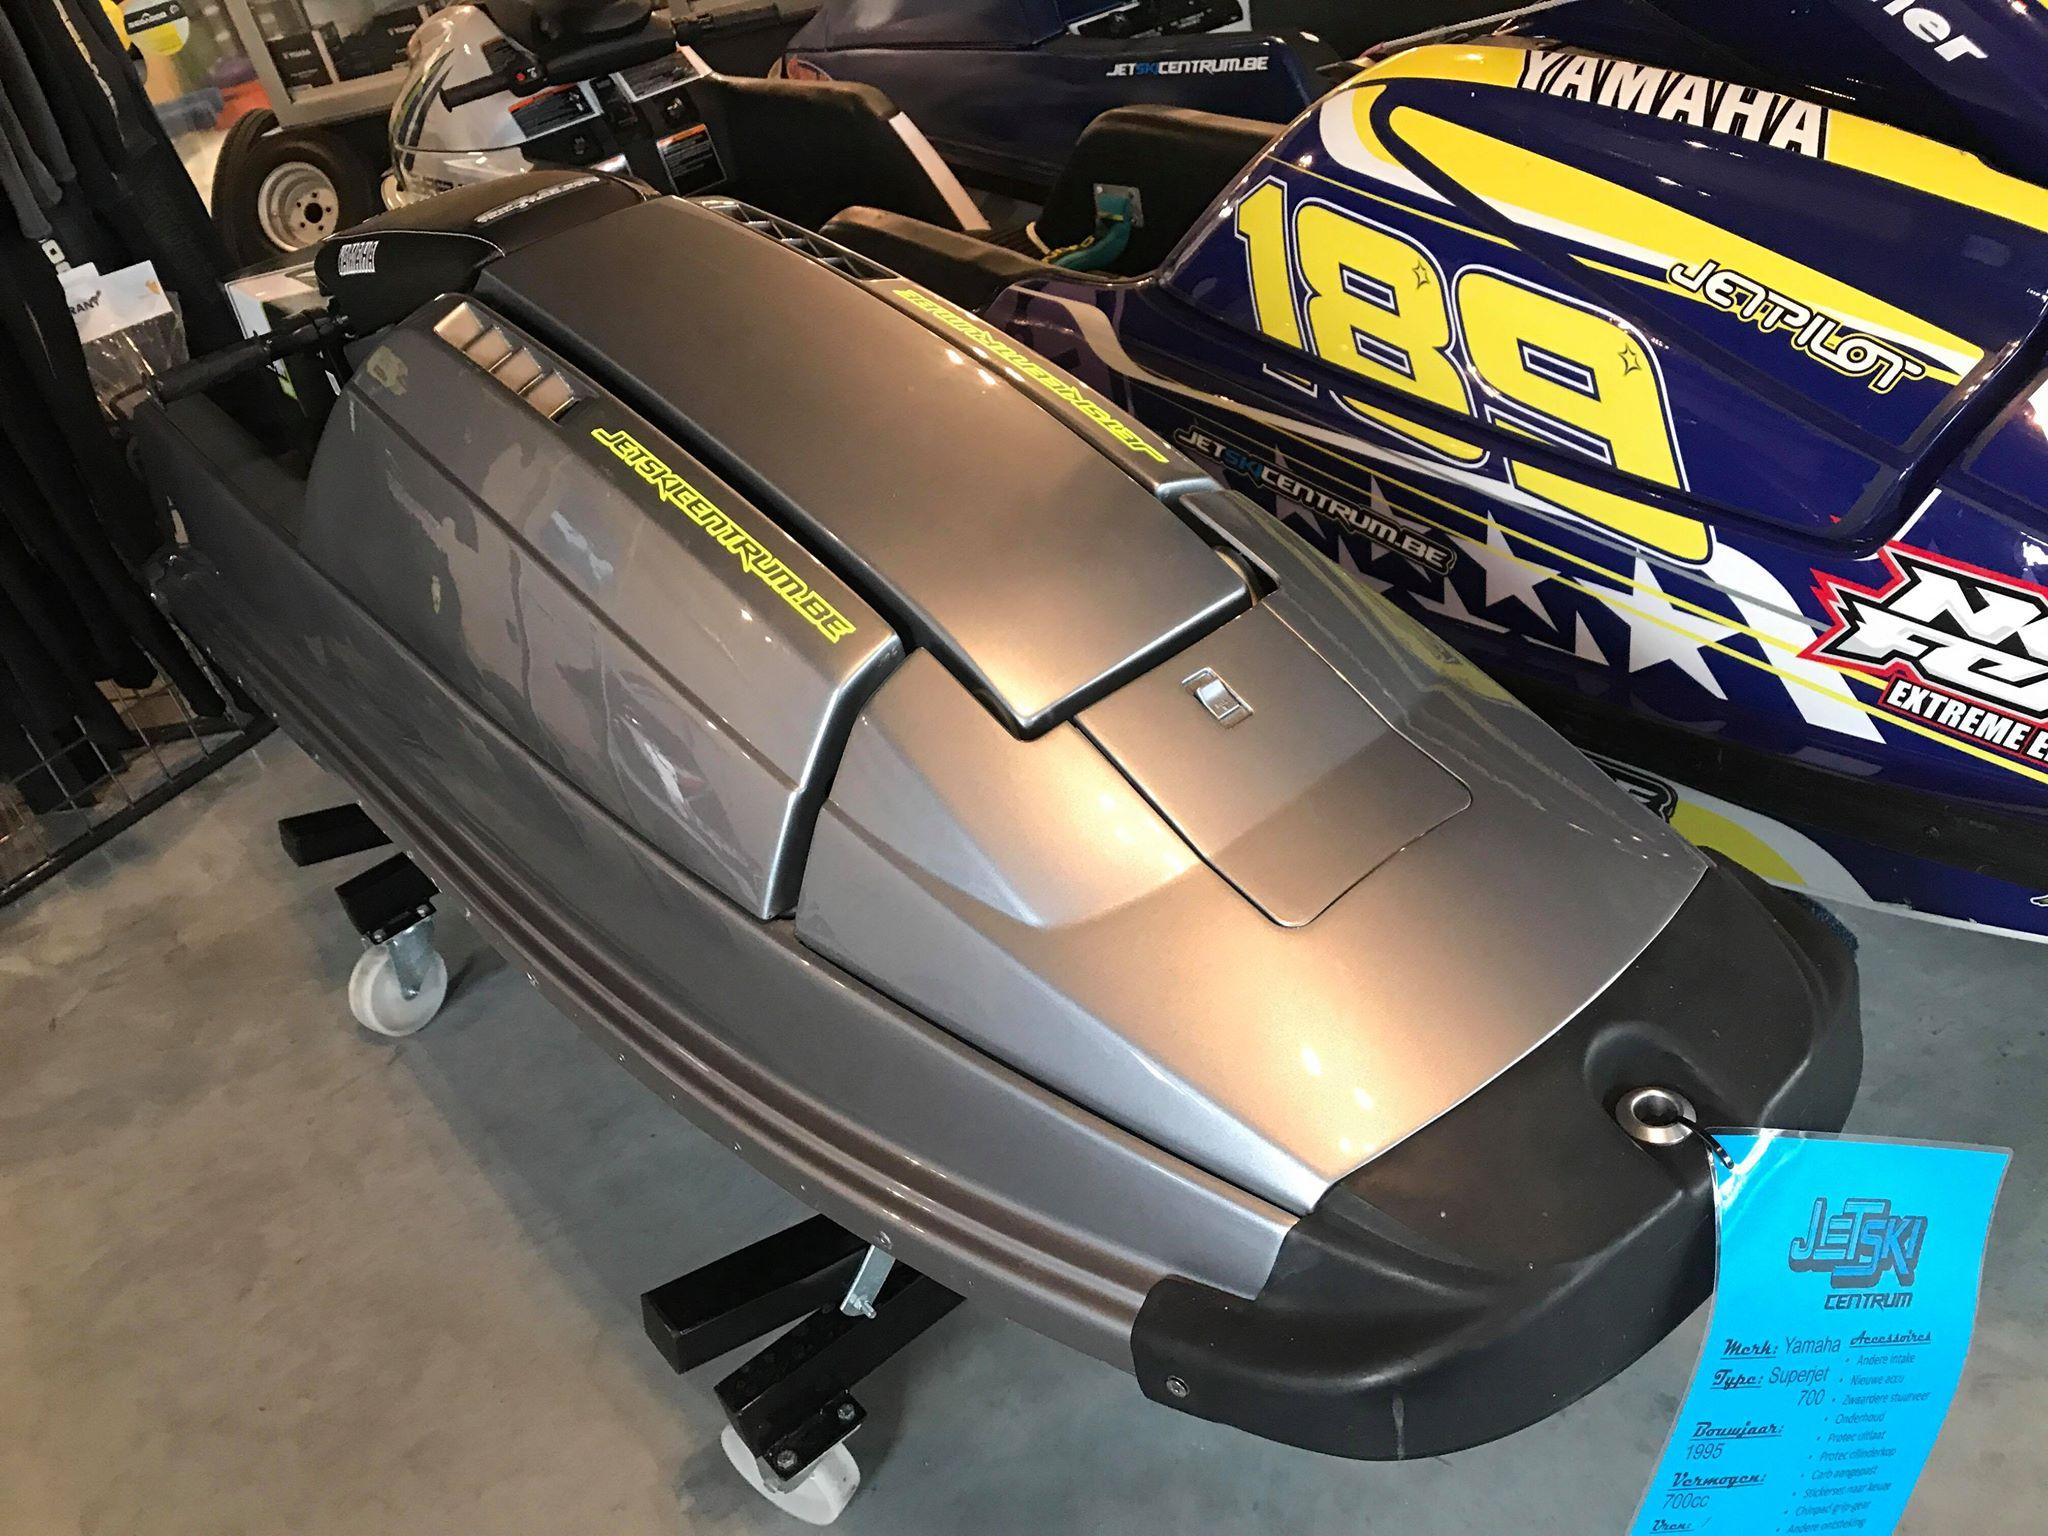 Yamaha Superjet 700 Image